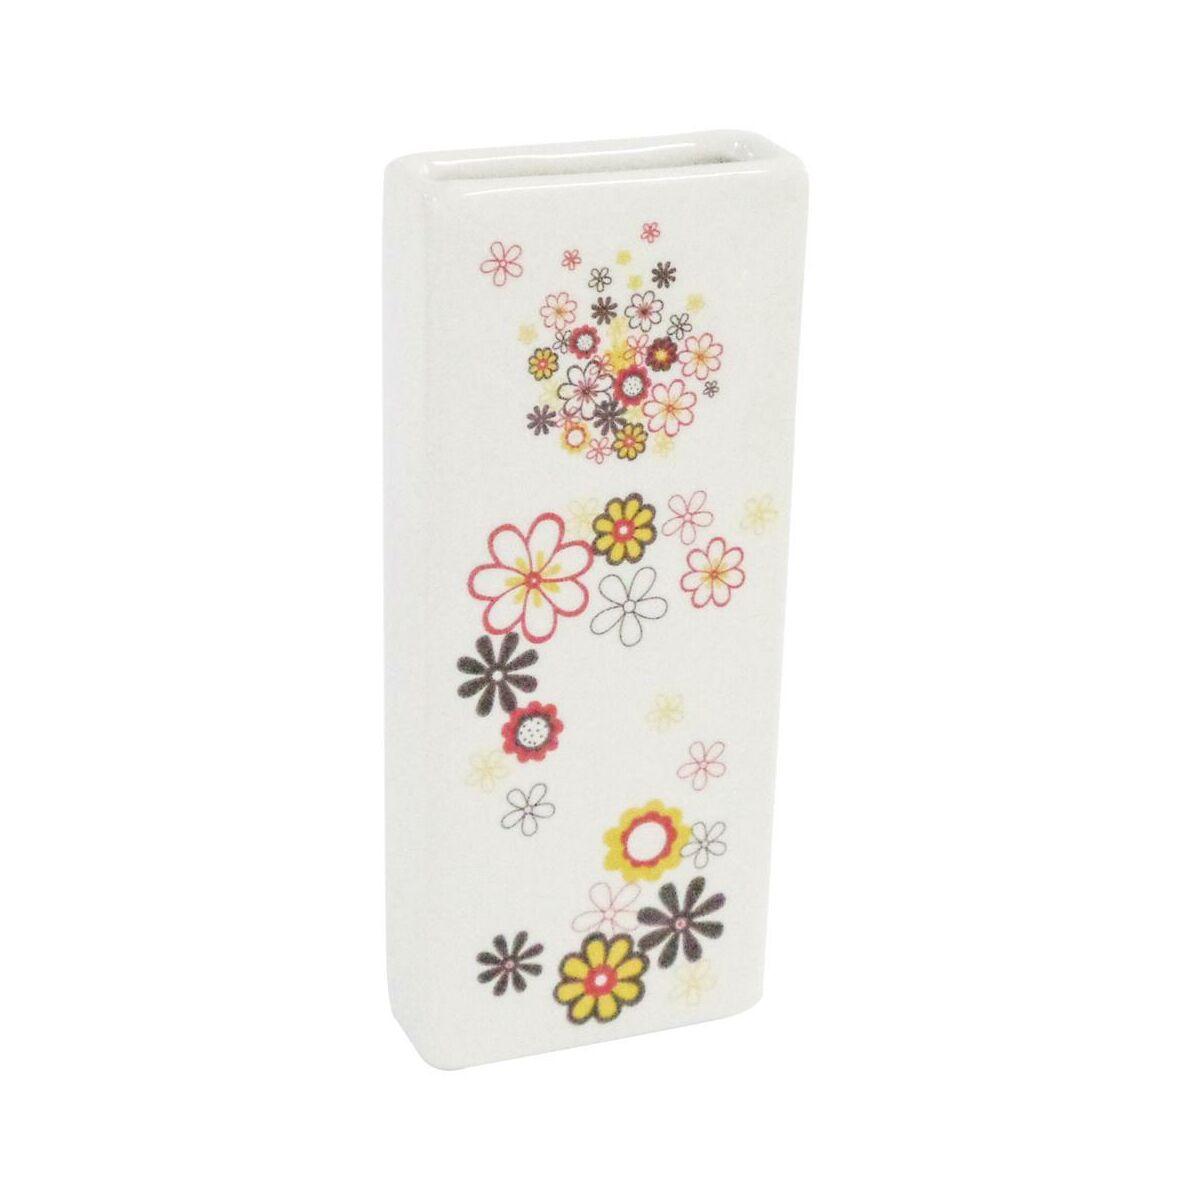 Nawilzacz Ceramiczny Brazowe Kwiaty Nawilzacze Grzejnikowe W Atrakcyjnej Cenie W Sklepach Leroy Merlin